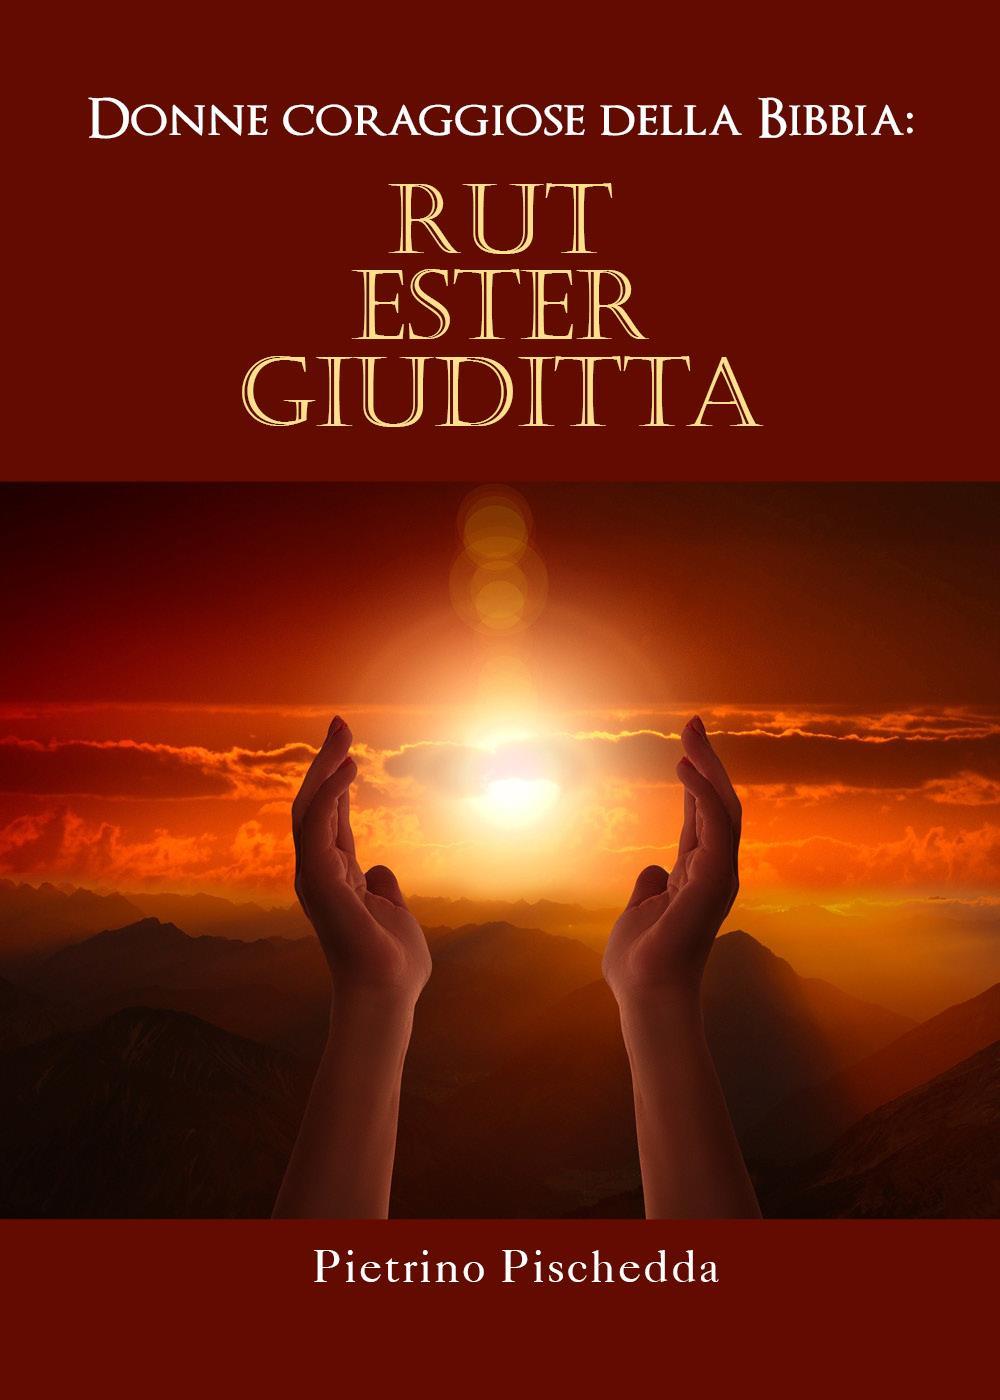 Donne coraggiose della Bibbia: Rut, Ester, Giuditta